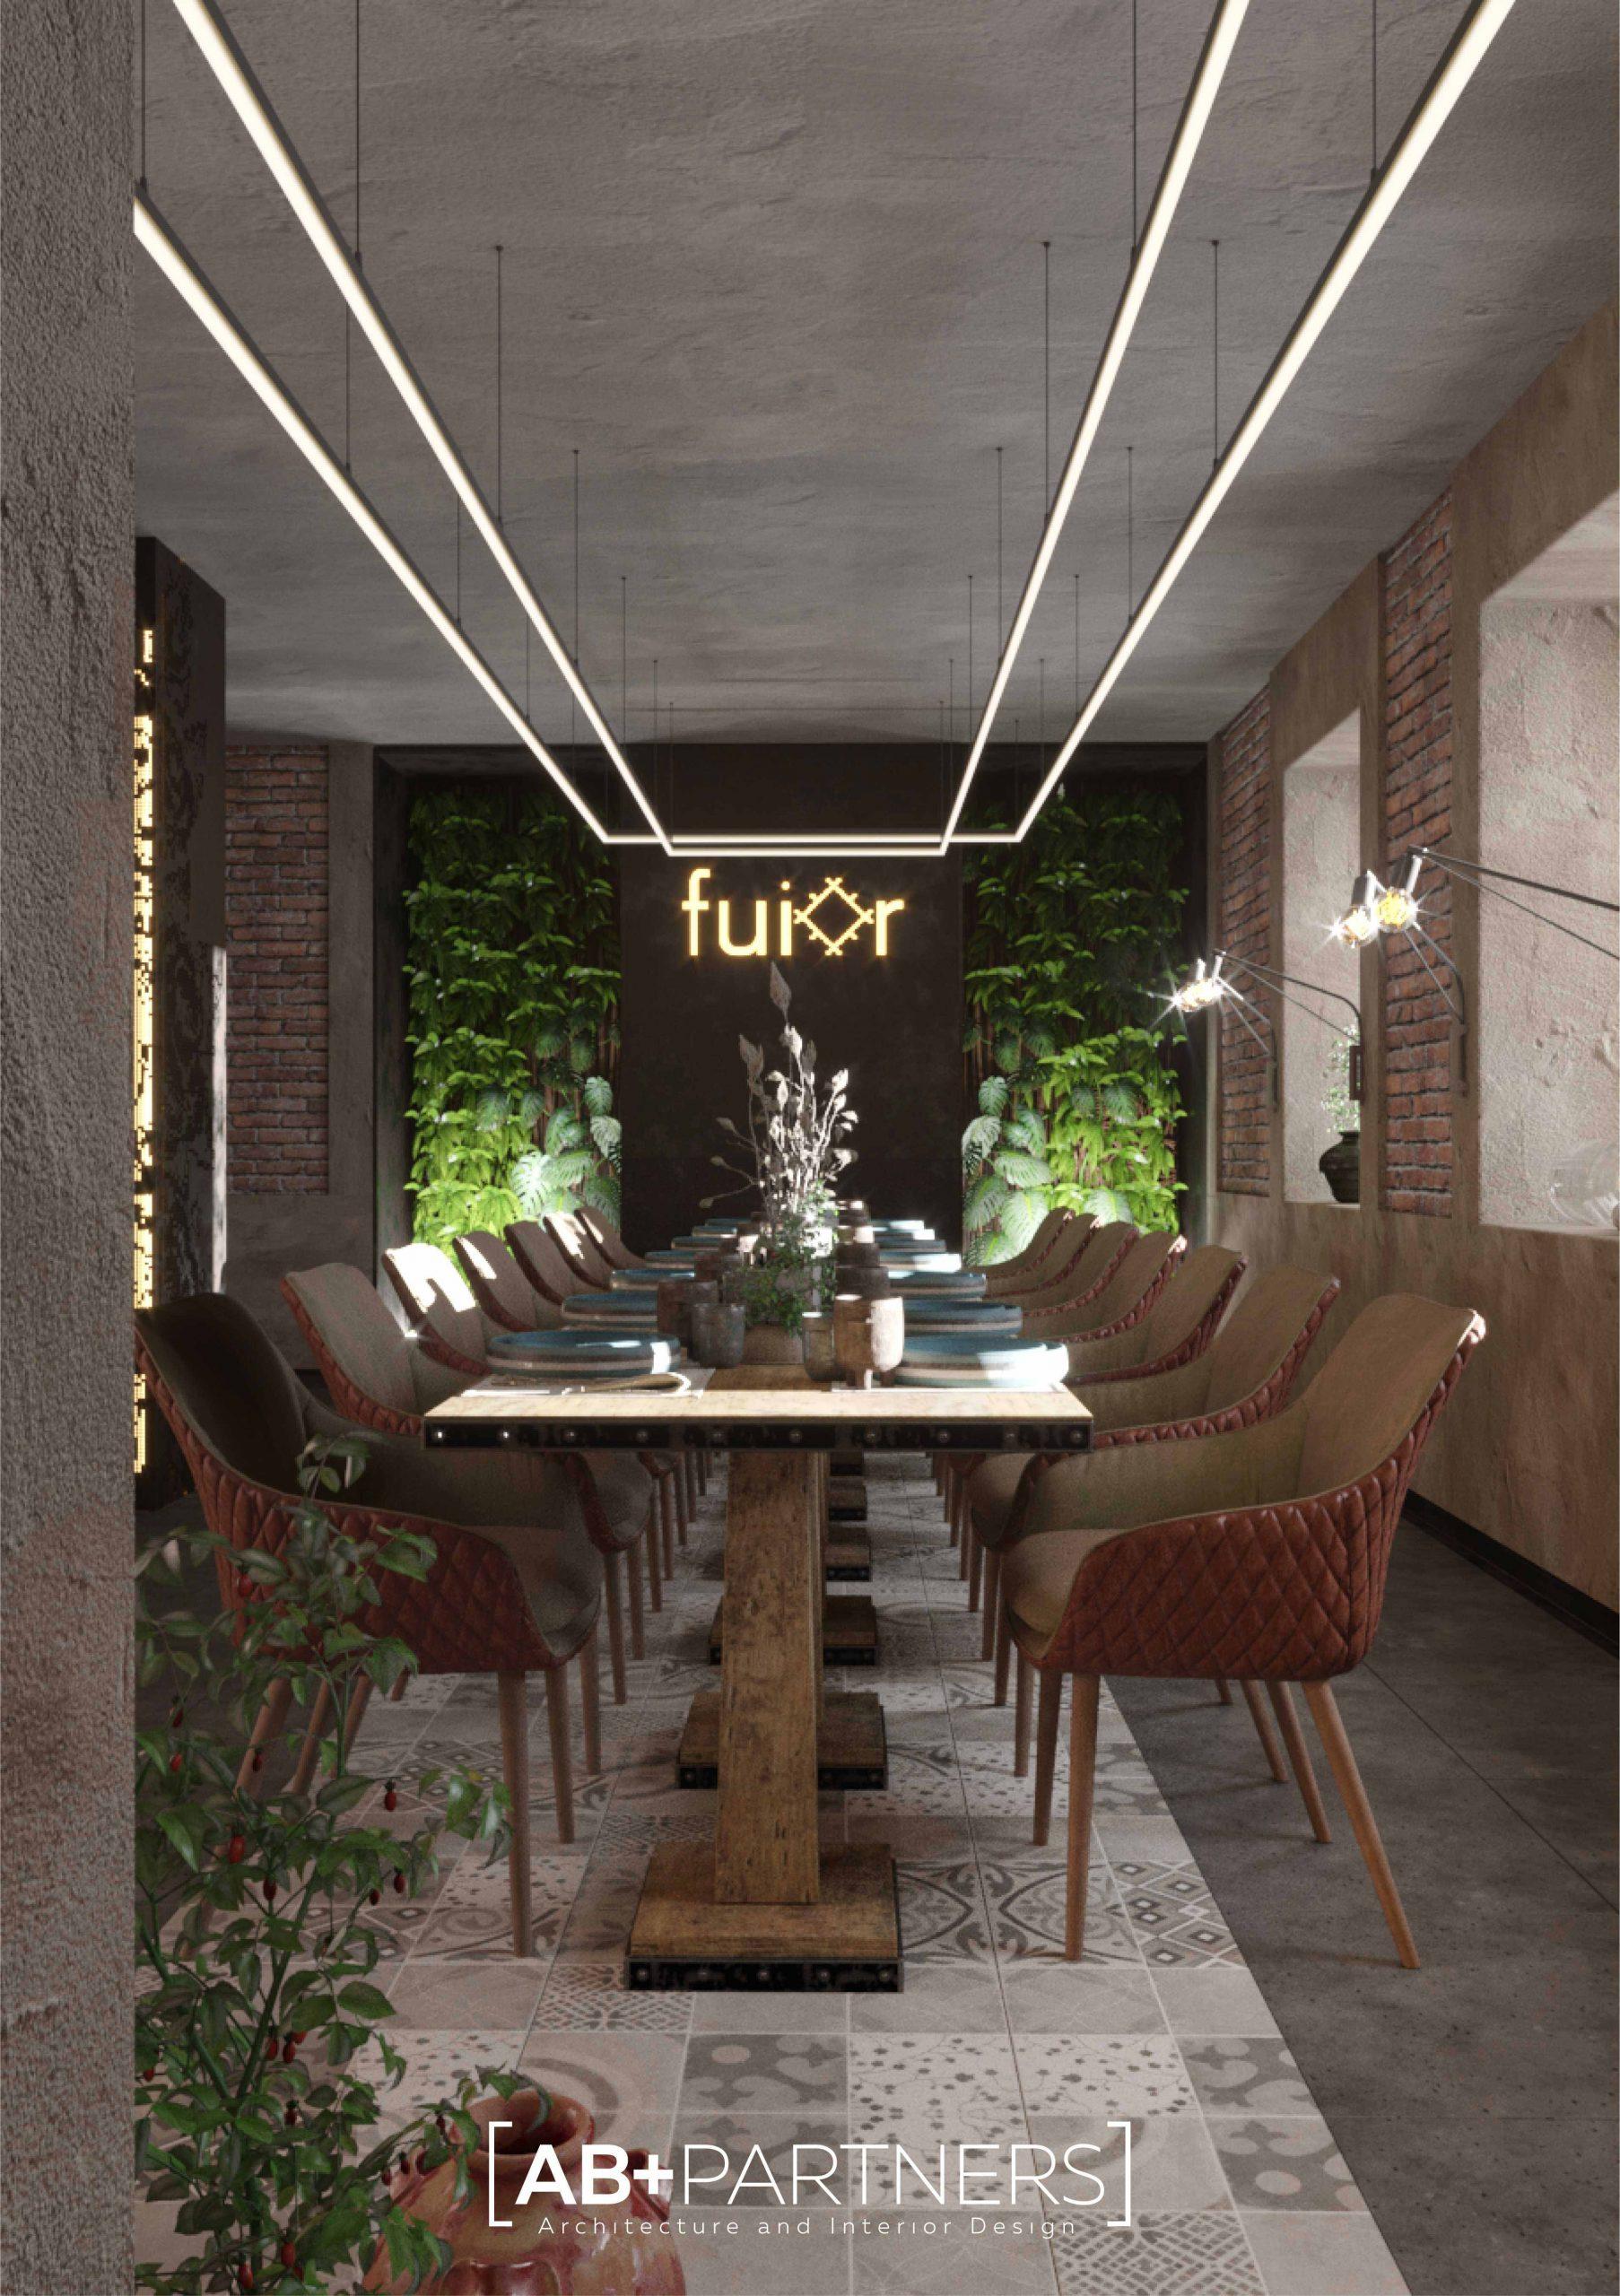 Фуйор - ресторан в Кишиневе с обновленным традиционным дизайном